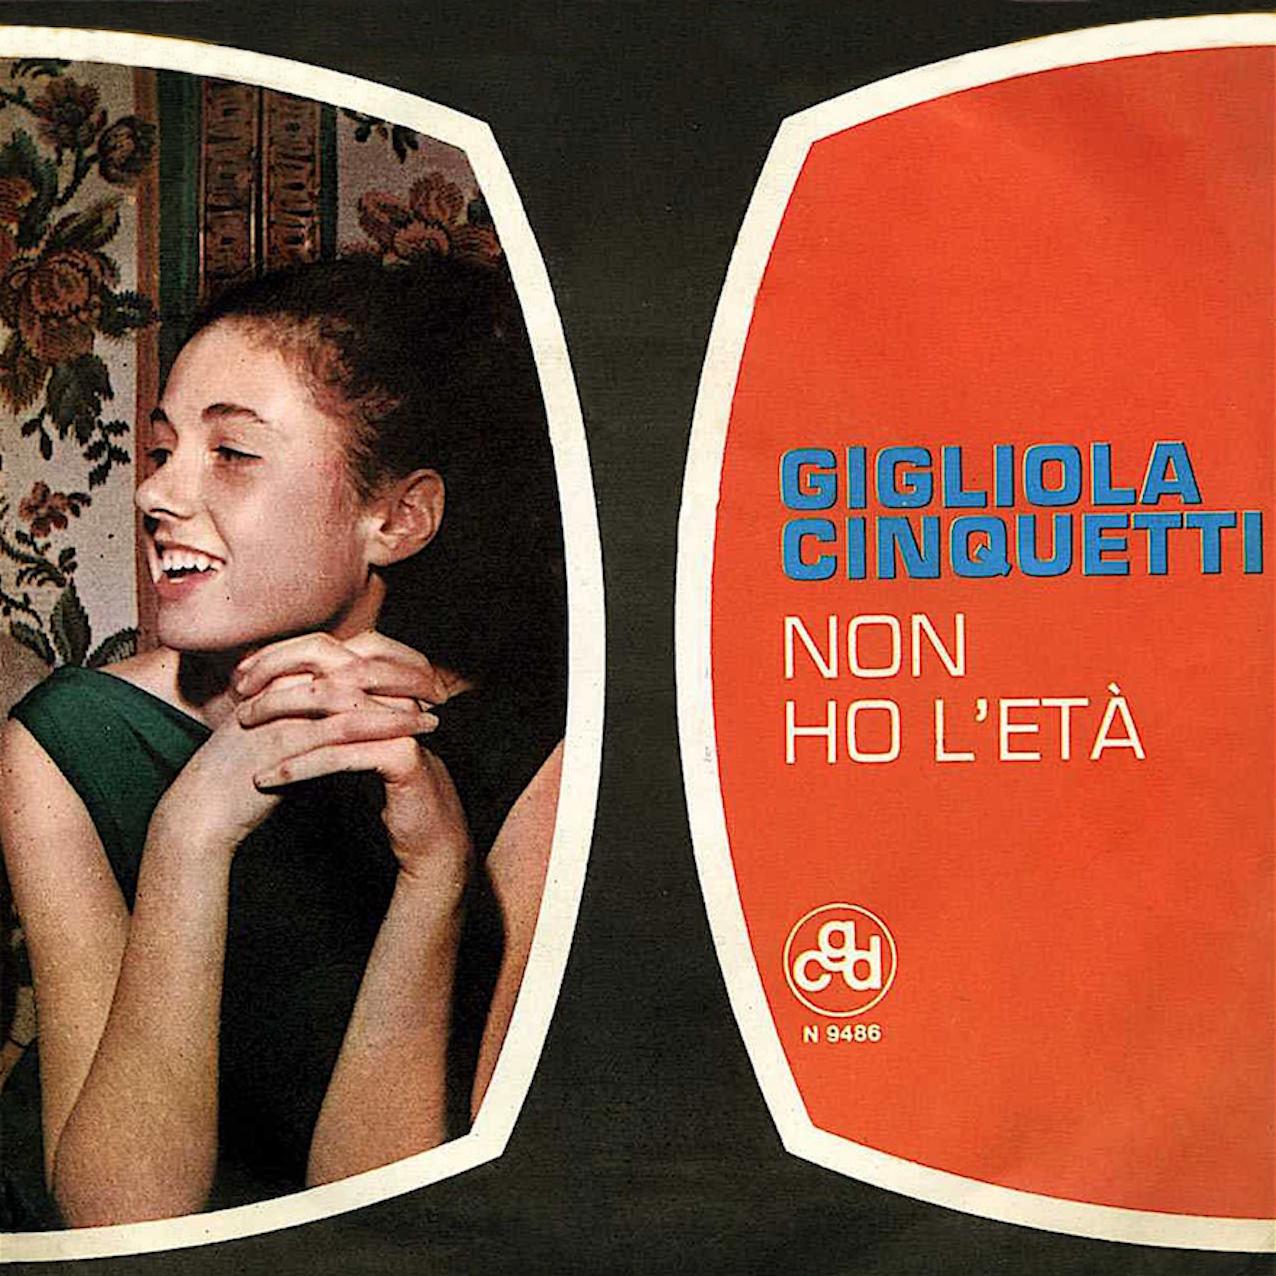 gigliola_cinquetti_1964_non_ho_eta